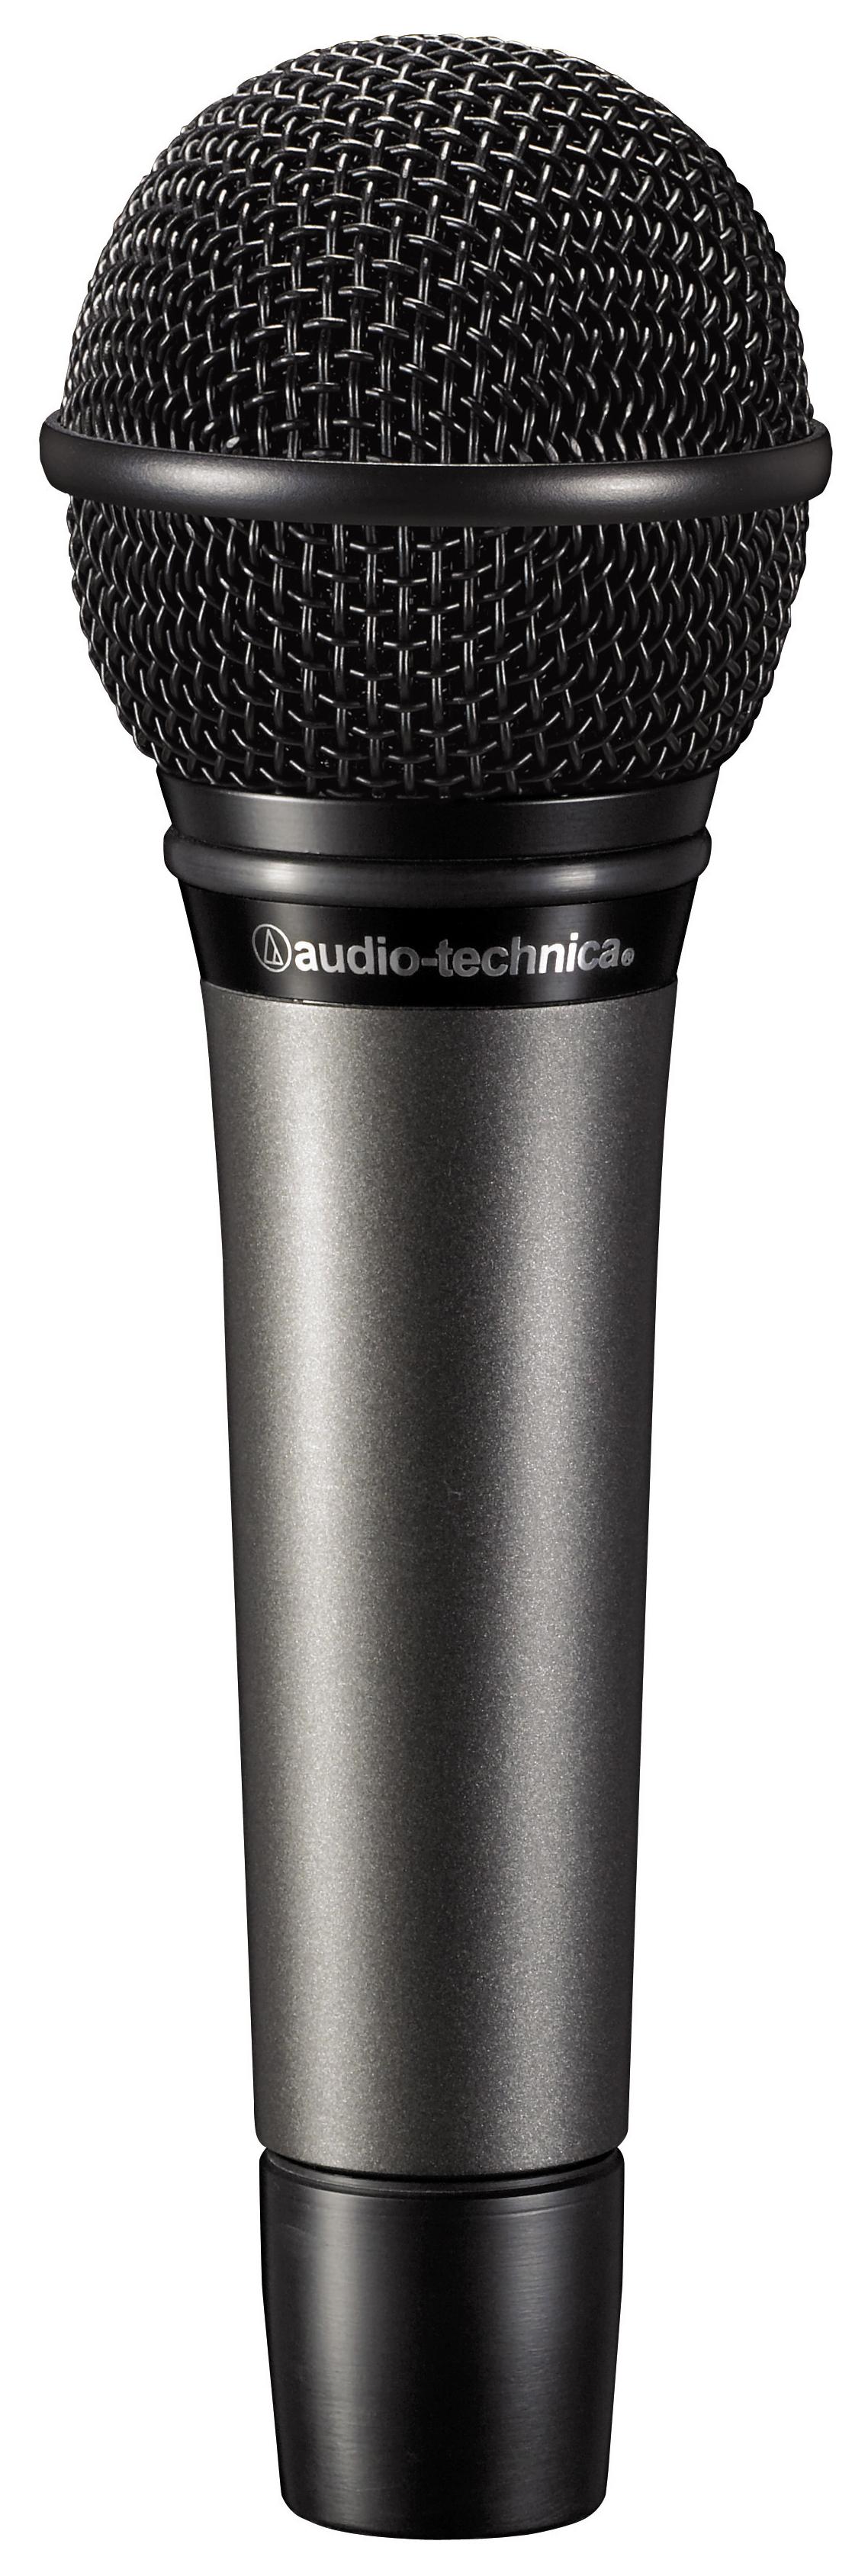 Микрофон Audio Technica ATM510